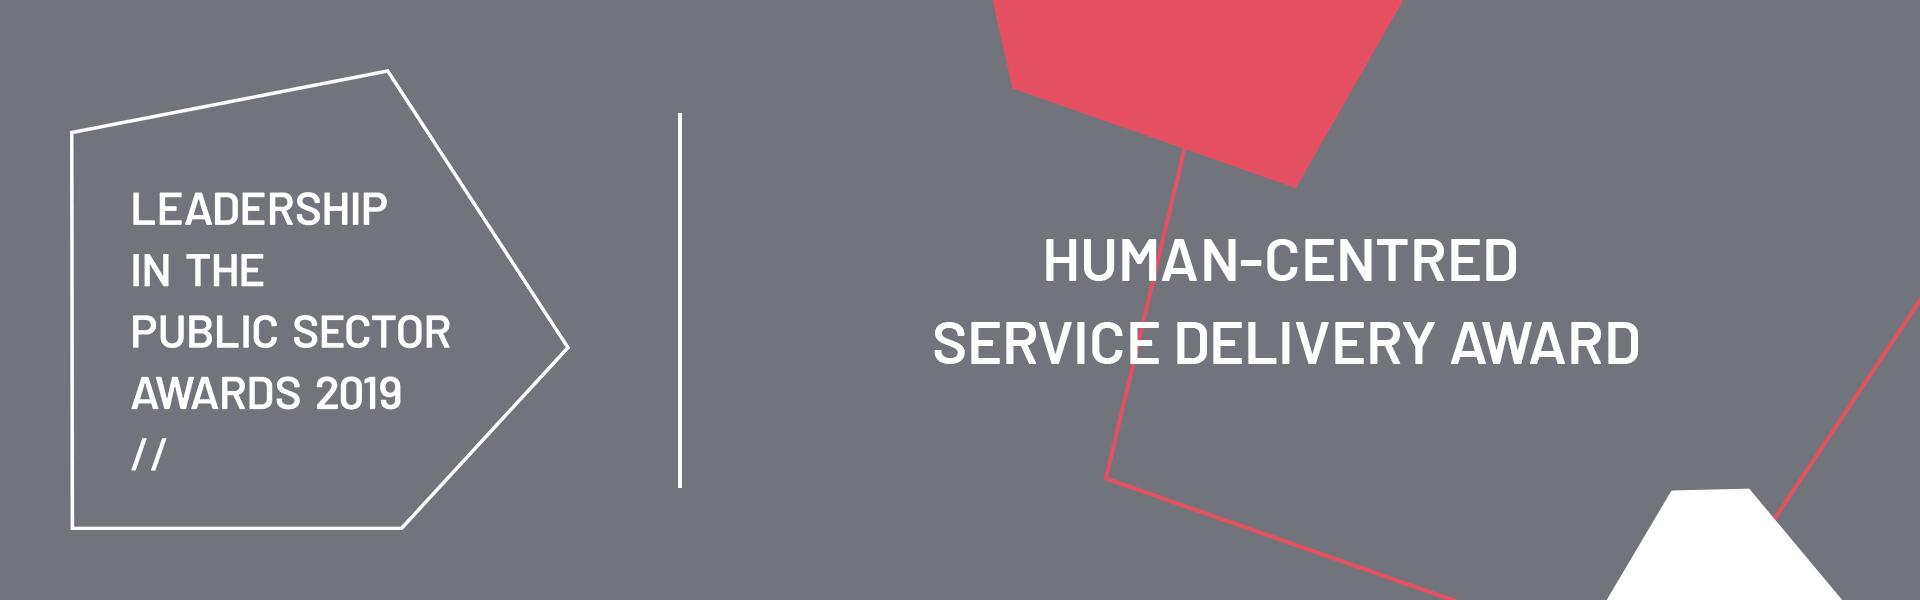 Human-Centred Award_1920x600_V1.jpg